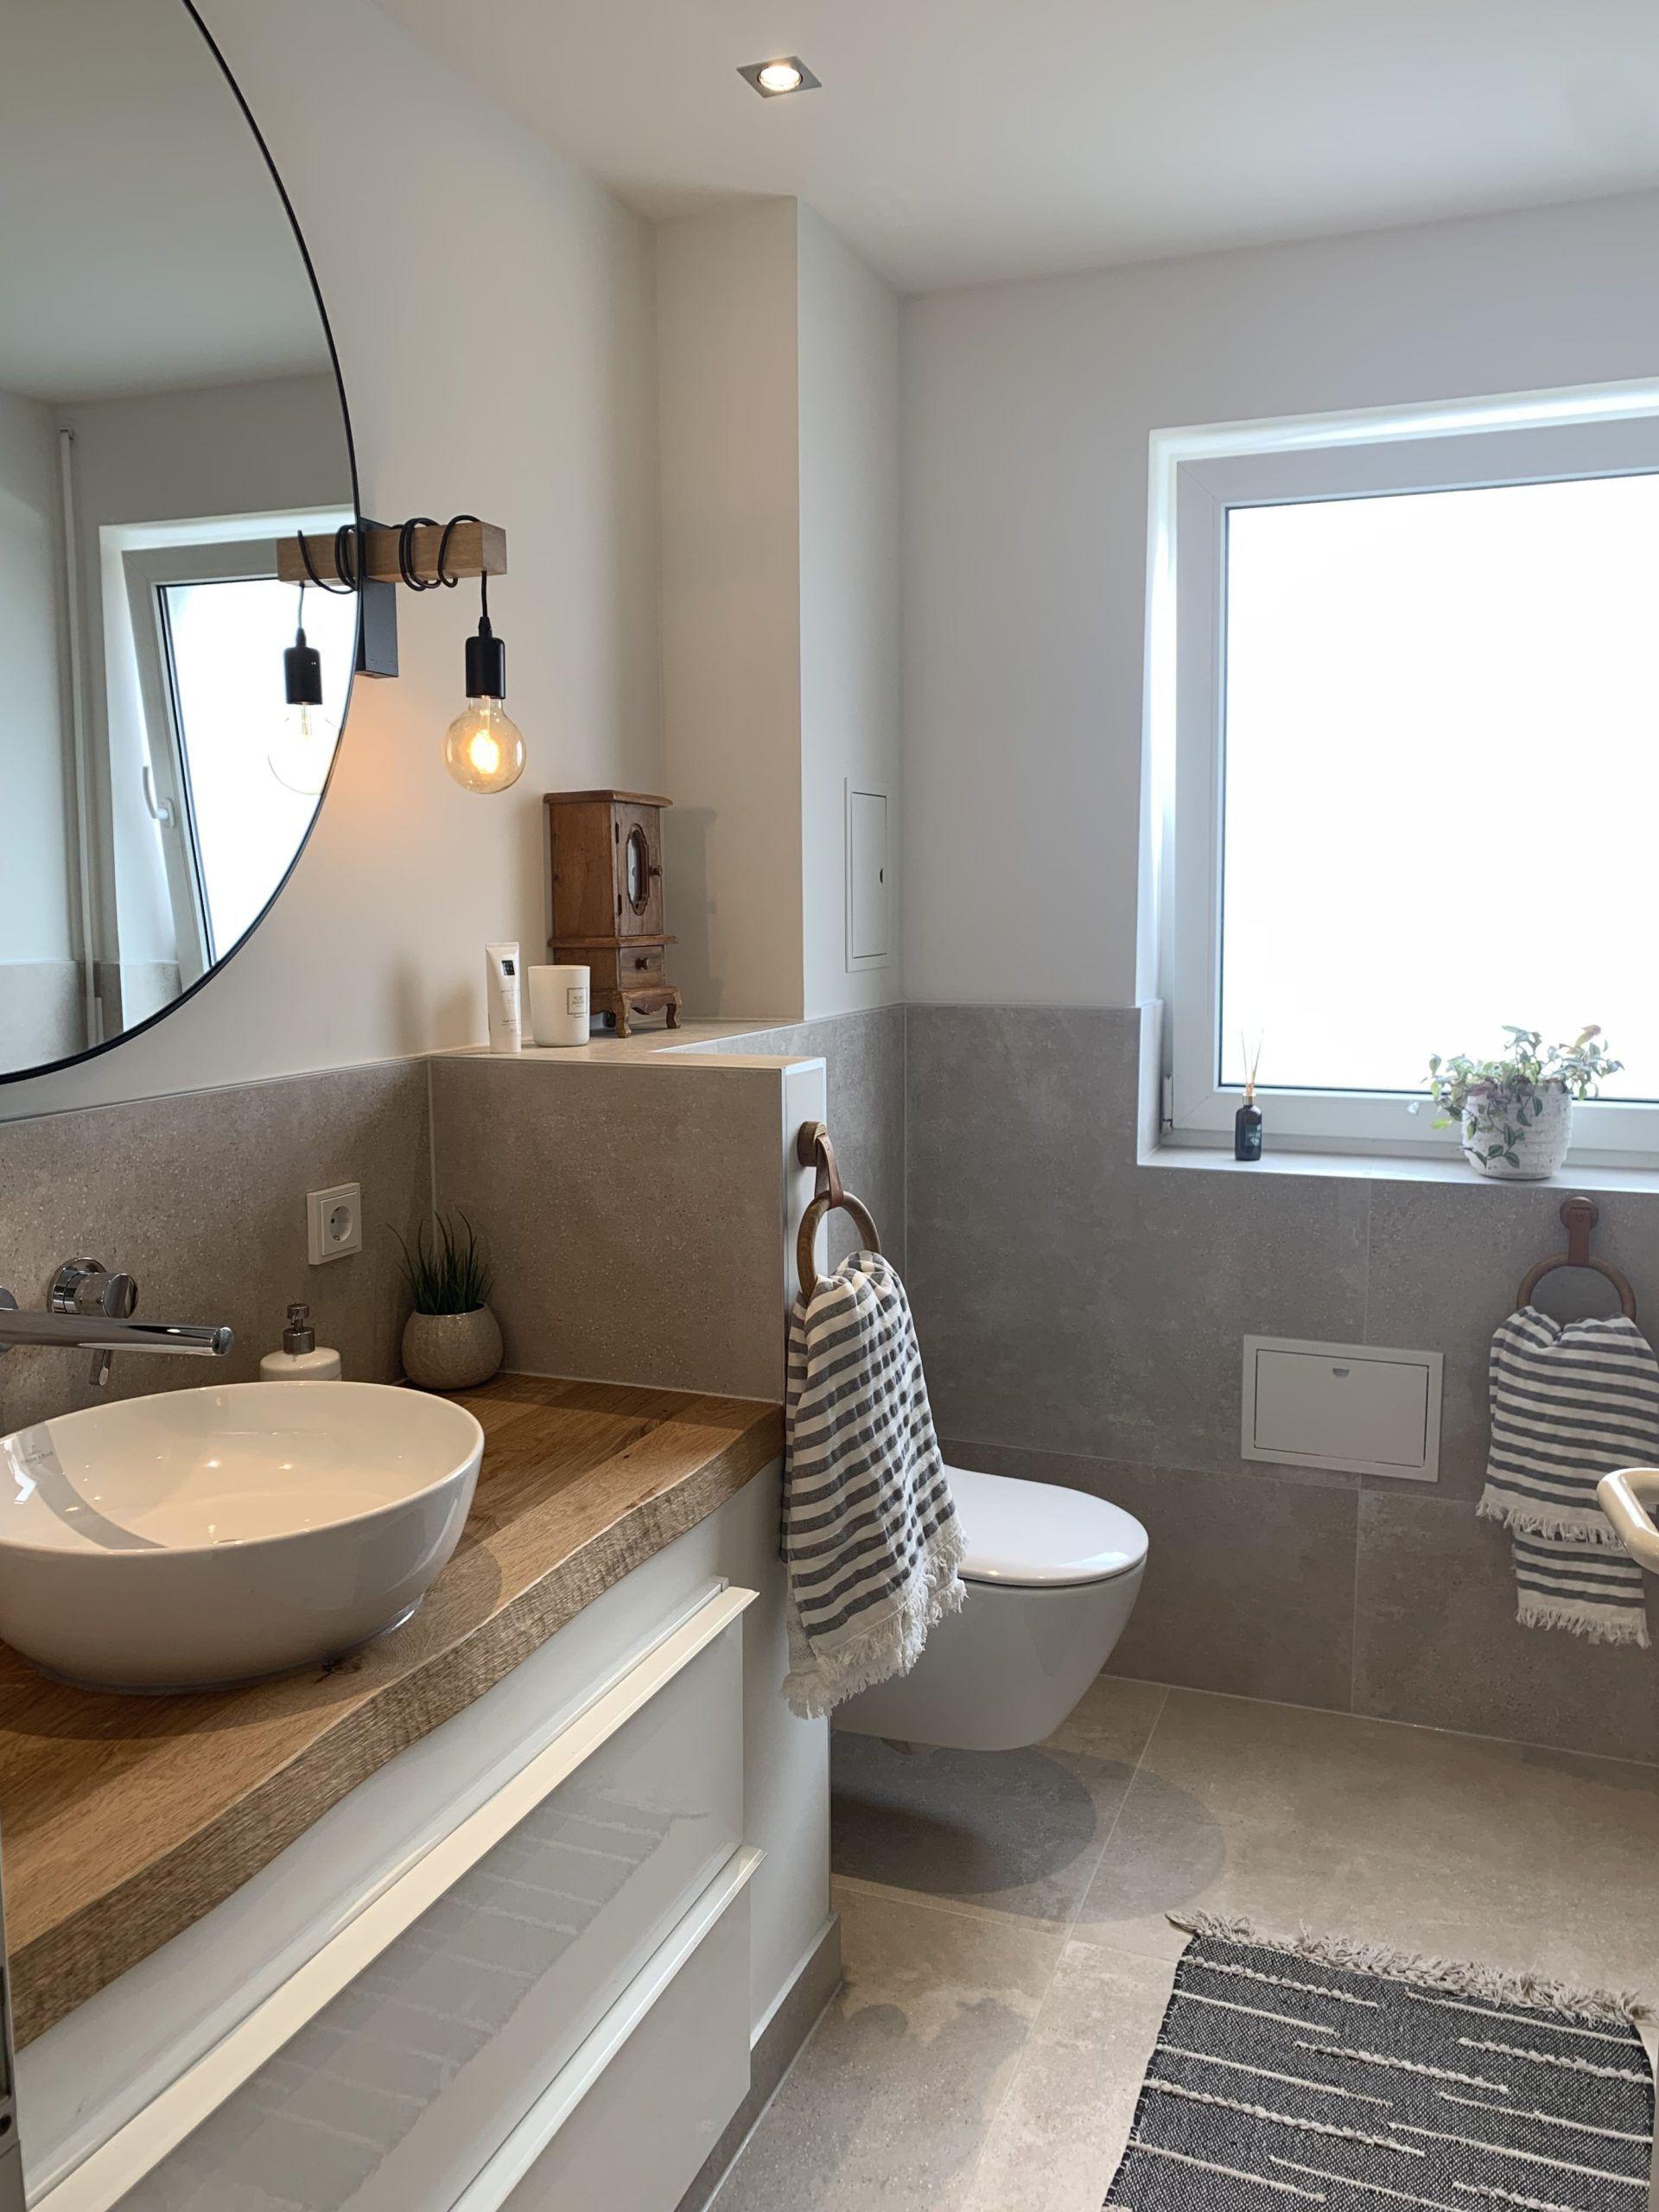 Wir haben eine Badewanne mit vielen natürlichen Materialien aus einem alten Marmorbad heraufb…